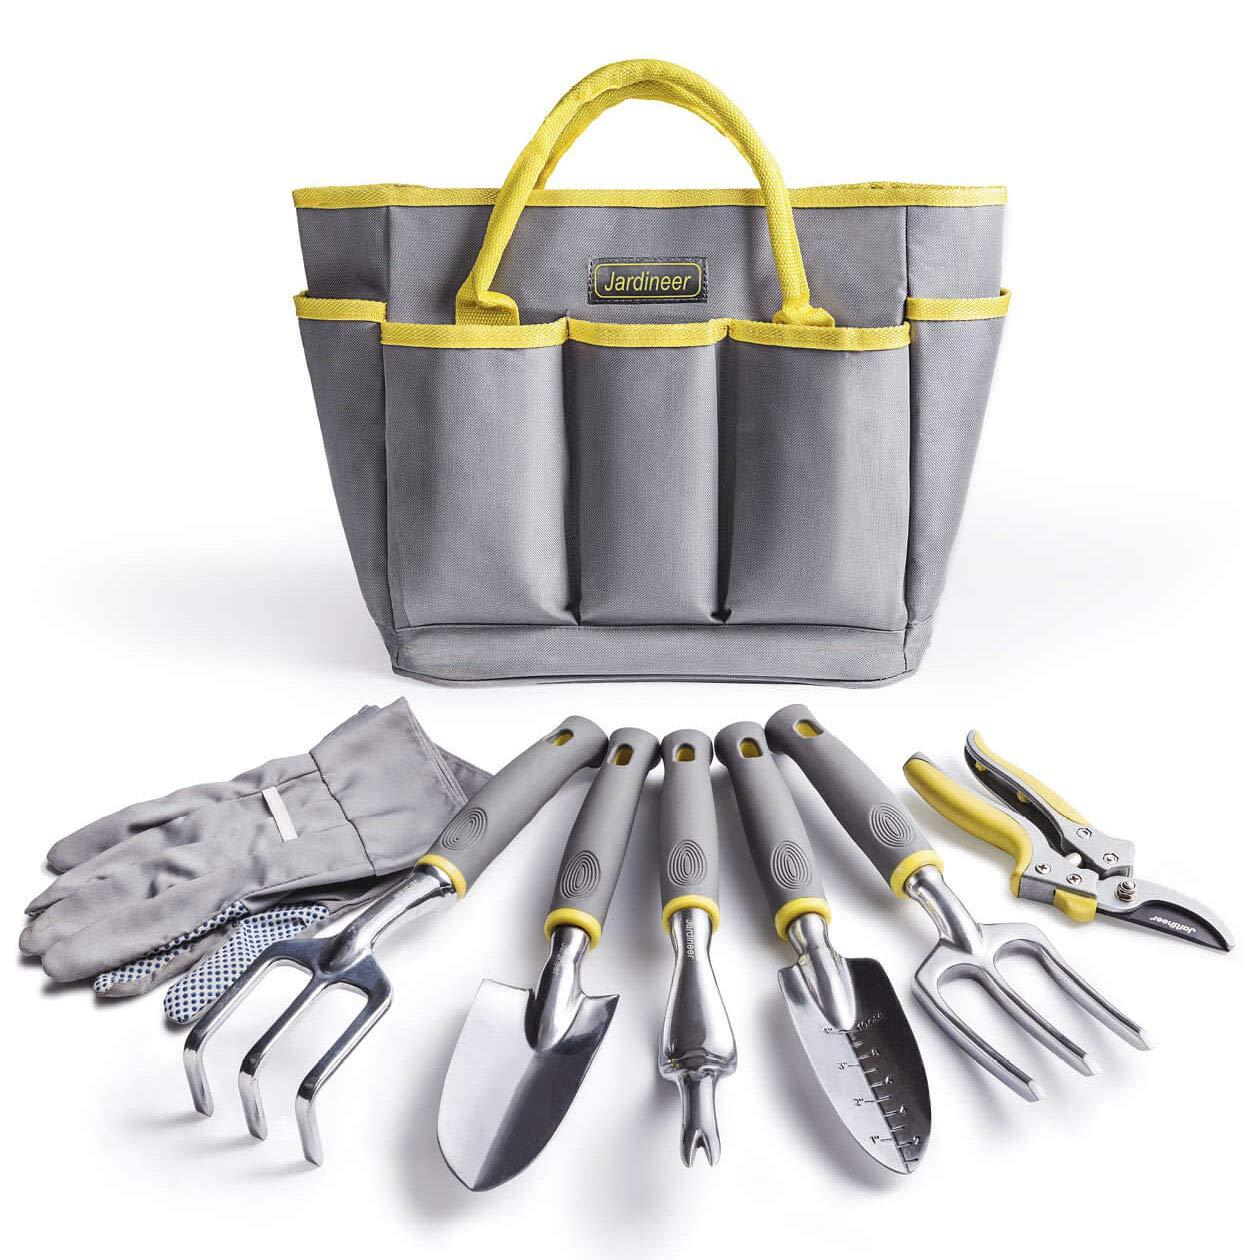 Jardineer 8 Piece Gardening Tools Set with Small Garden Tools and Big Garden Tote Bag,Gardening Gifts for Women & Men